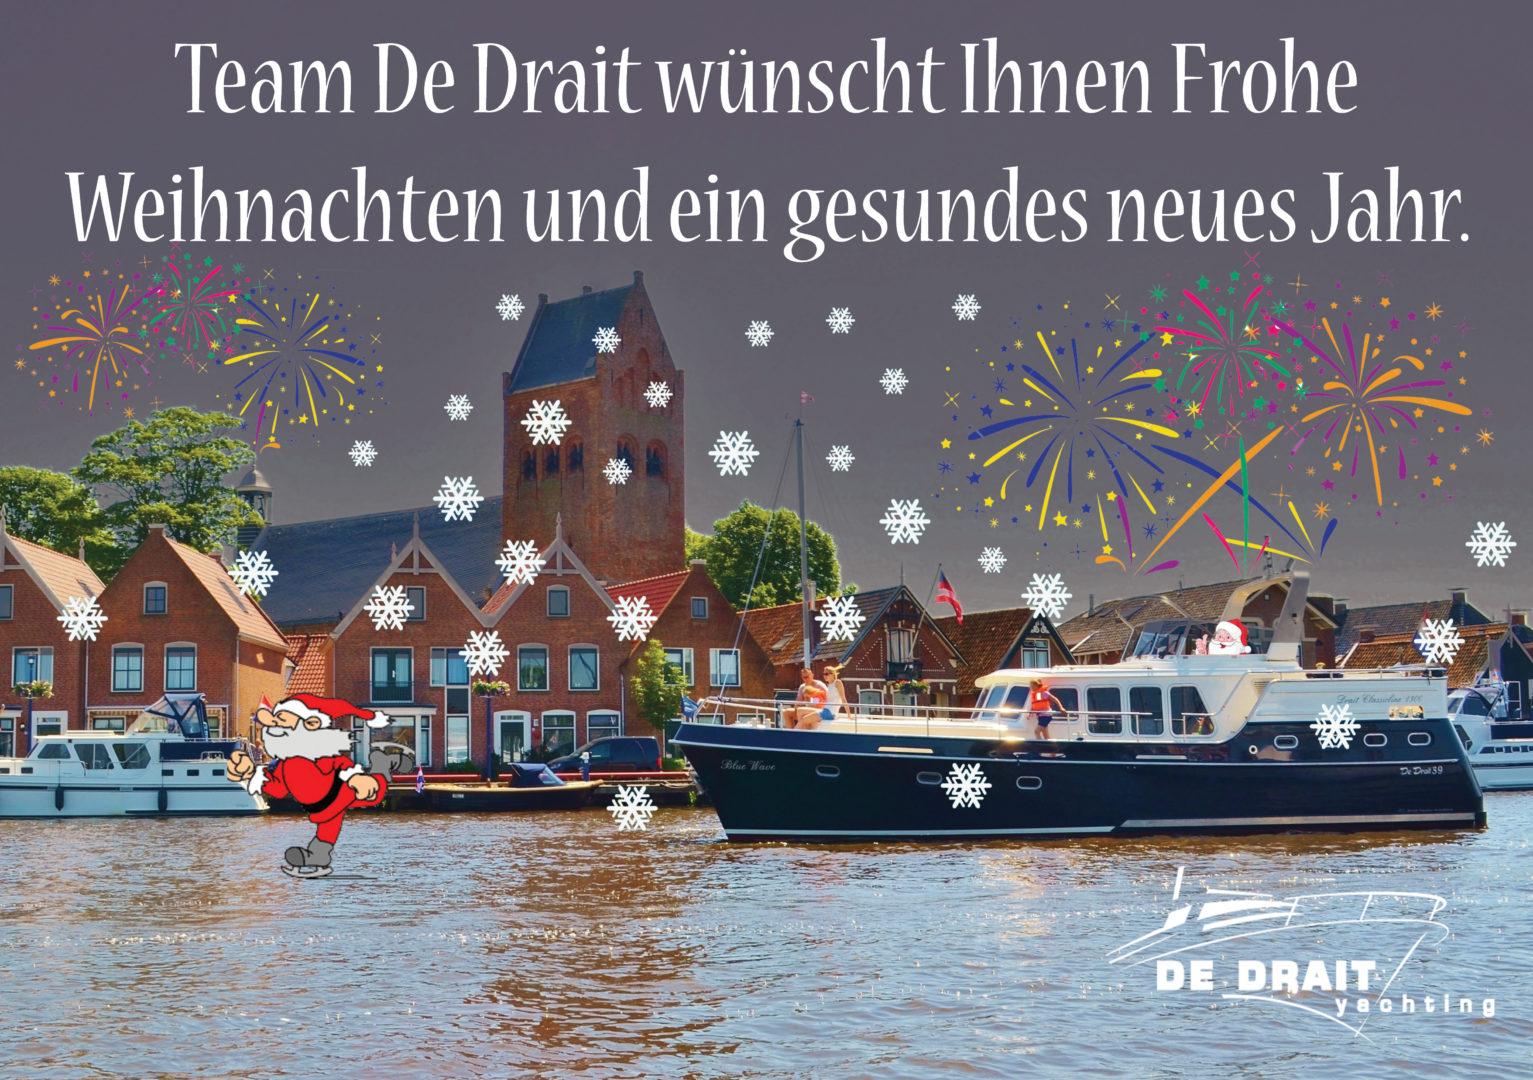 Frohe Weihnachten Und Gesundes Neues Jahr.Team De Drait Wunscht Ihnen Frohe Weihnachten Und Ein